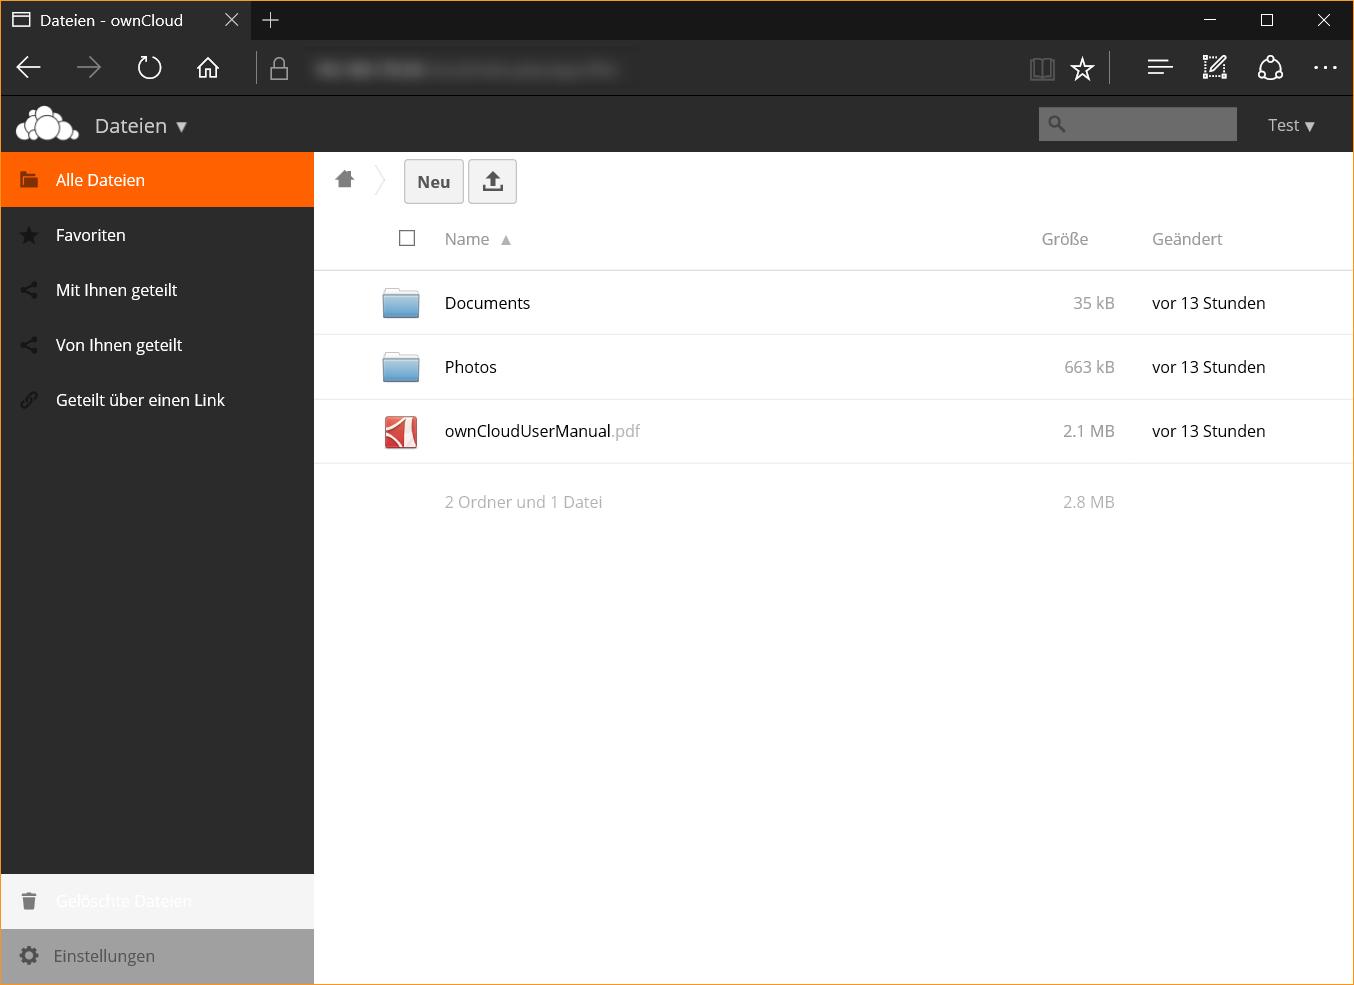 ownCloud unter Windows 10 optimal nutzen » DecaTec